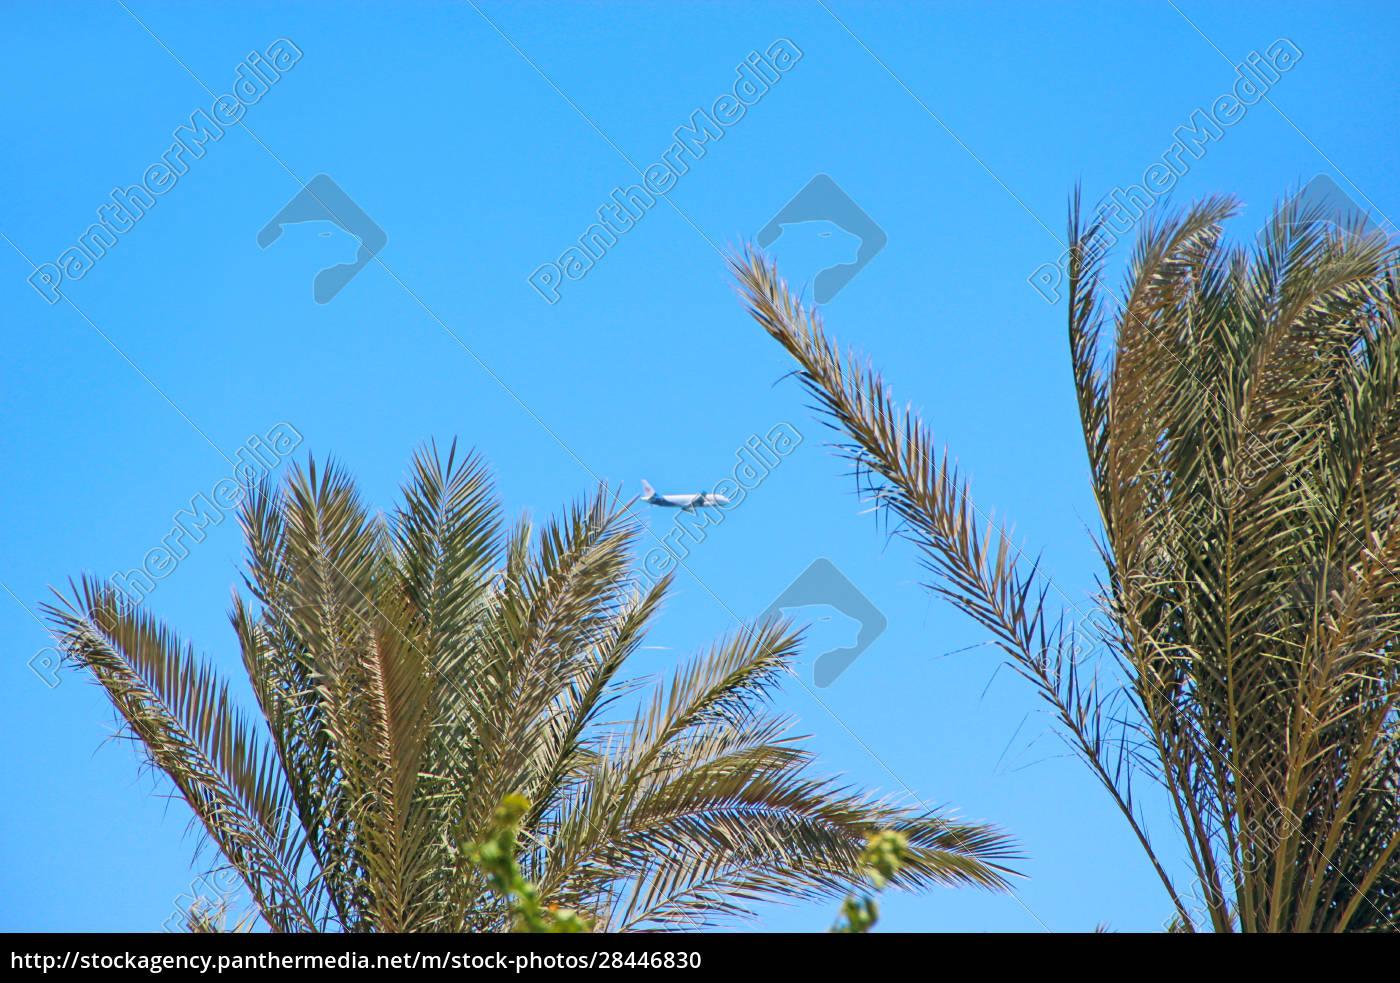 flugzeug, das, hoch, in, den, himmel, fliegt. - 28446830